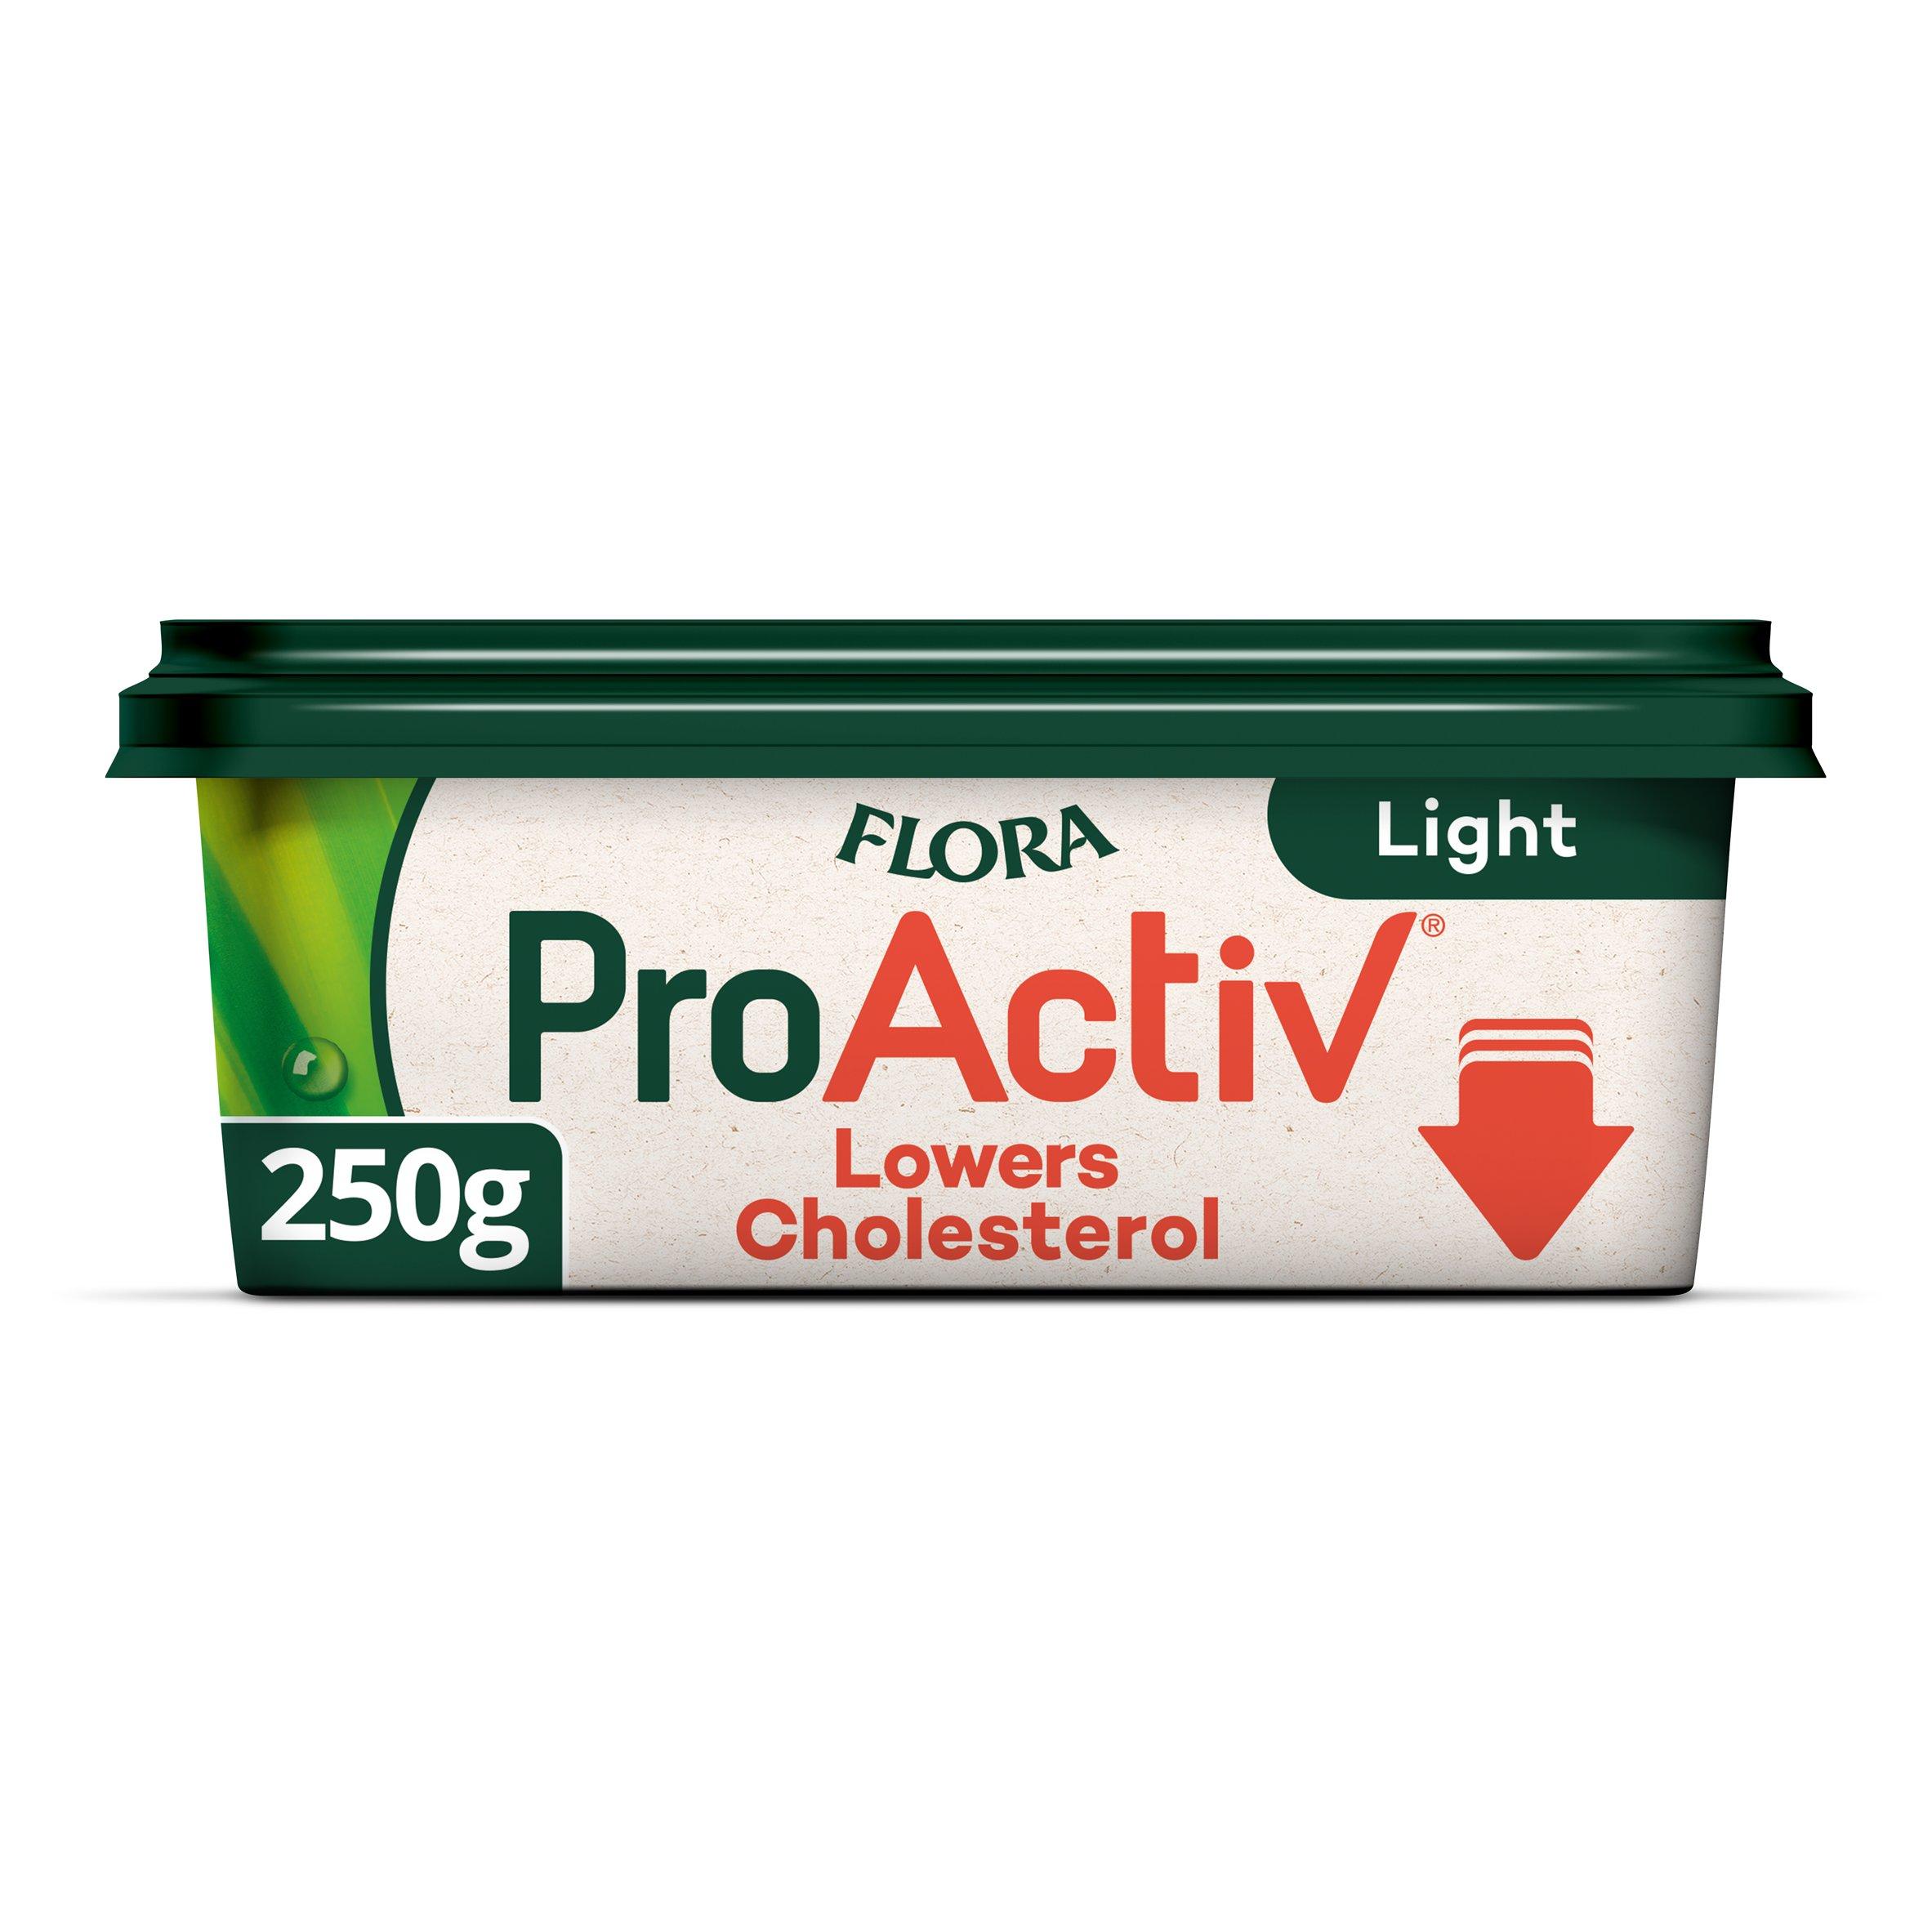 Flora Pro Activ Light Spread 250G